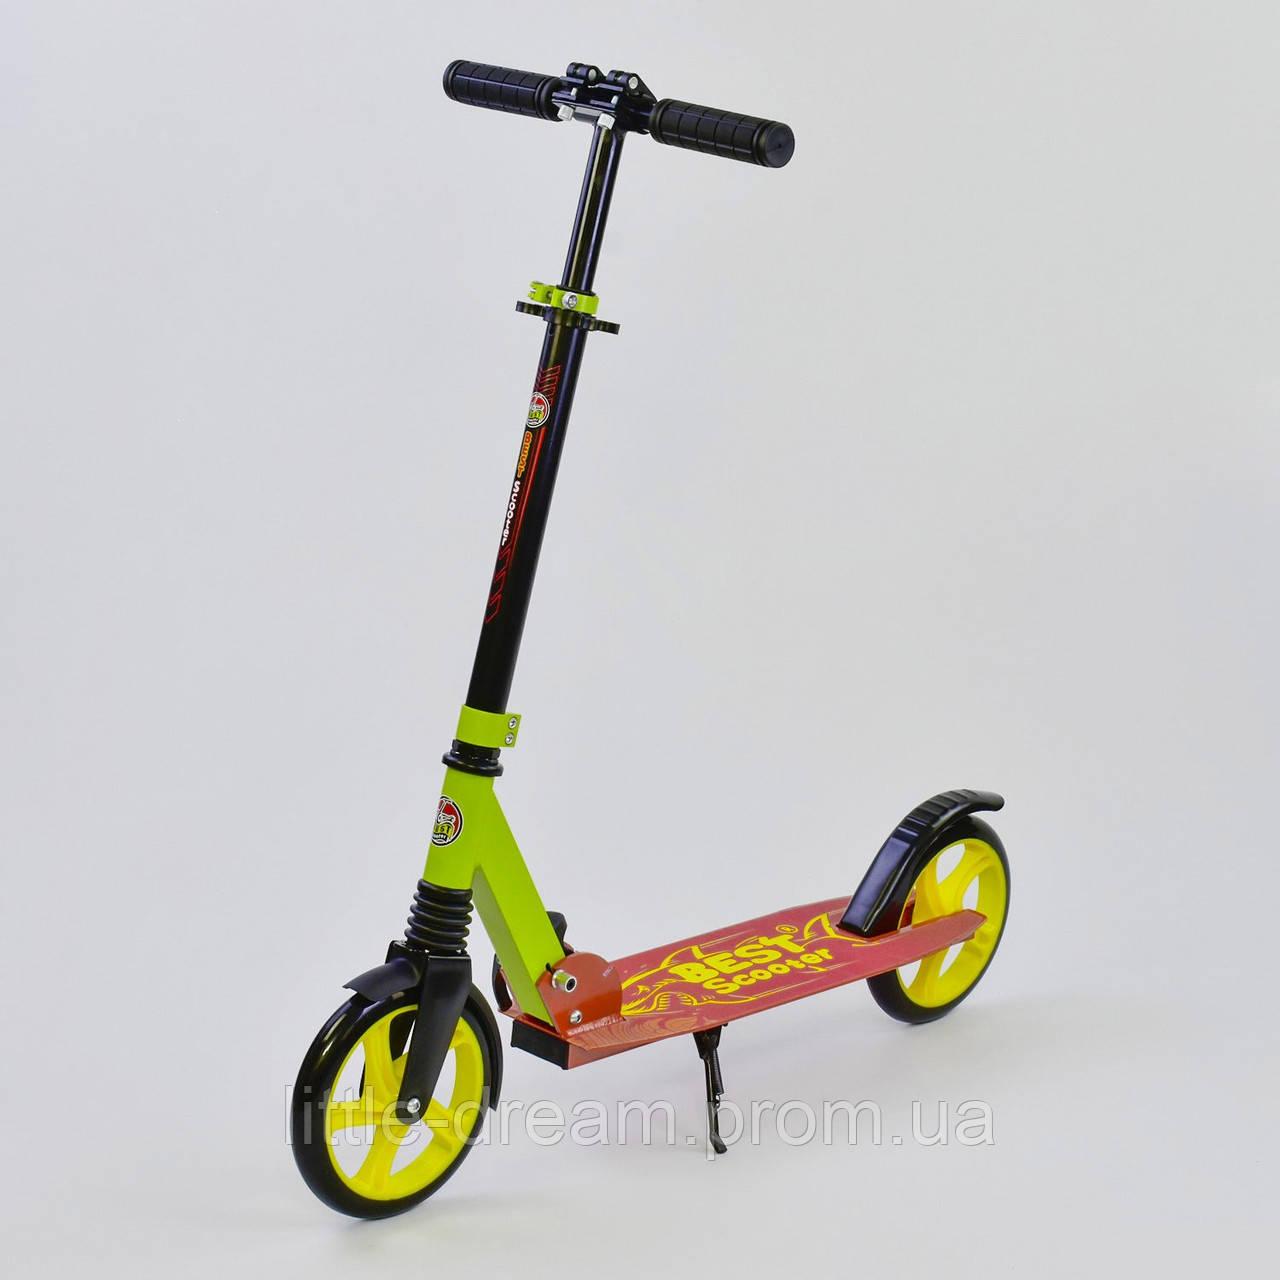 """Самокат двухколесный """"SHARK"""" 00071 Красный с желтыми колесами, зажим руля, колеса PU - 20 см, 1 амортизатор"""